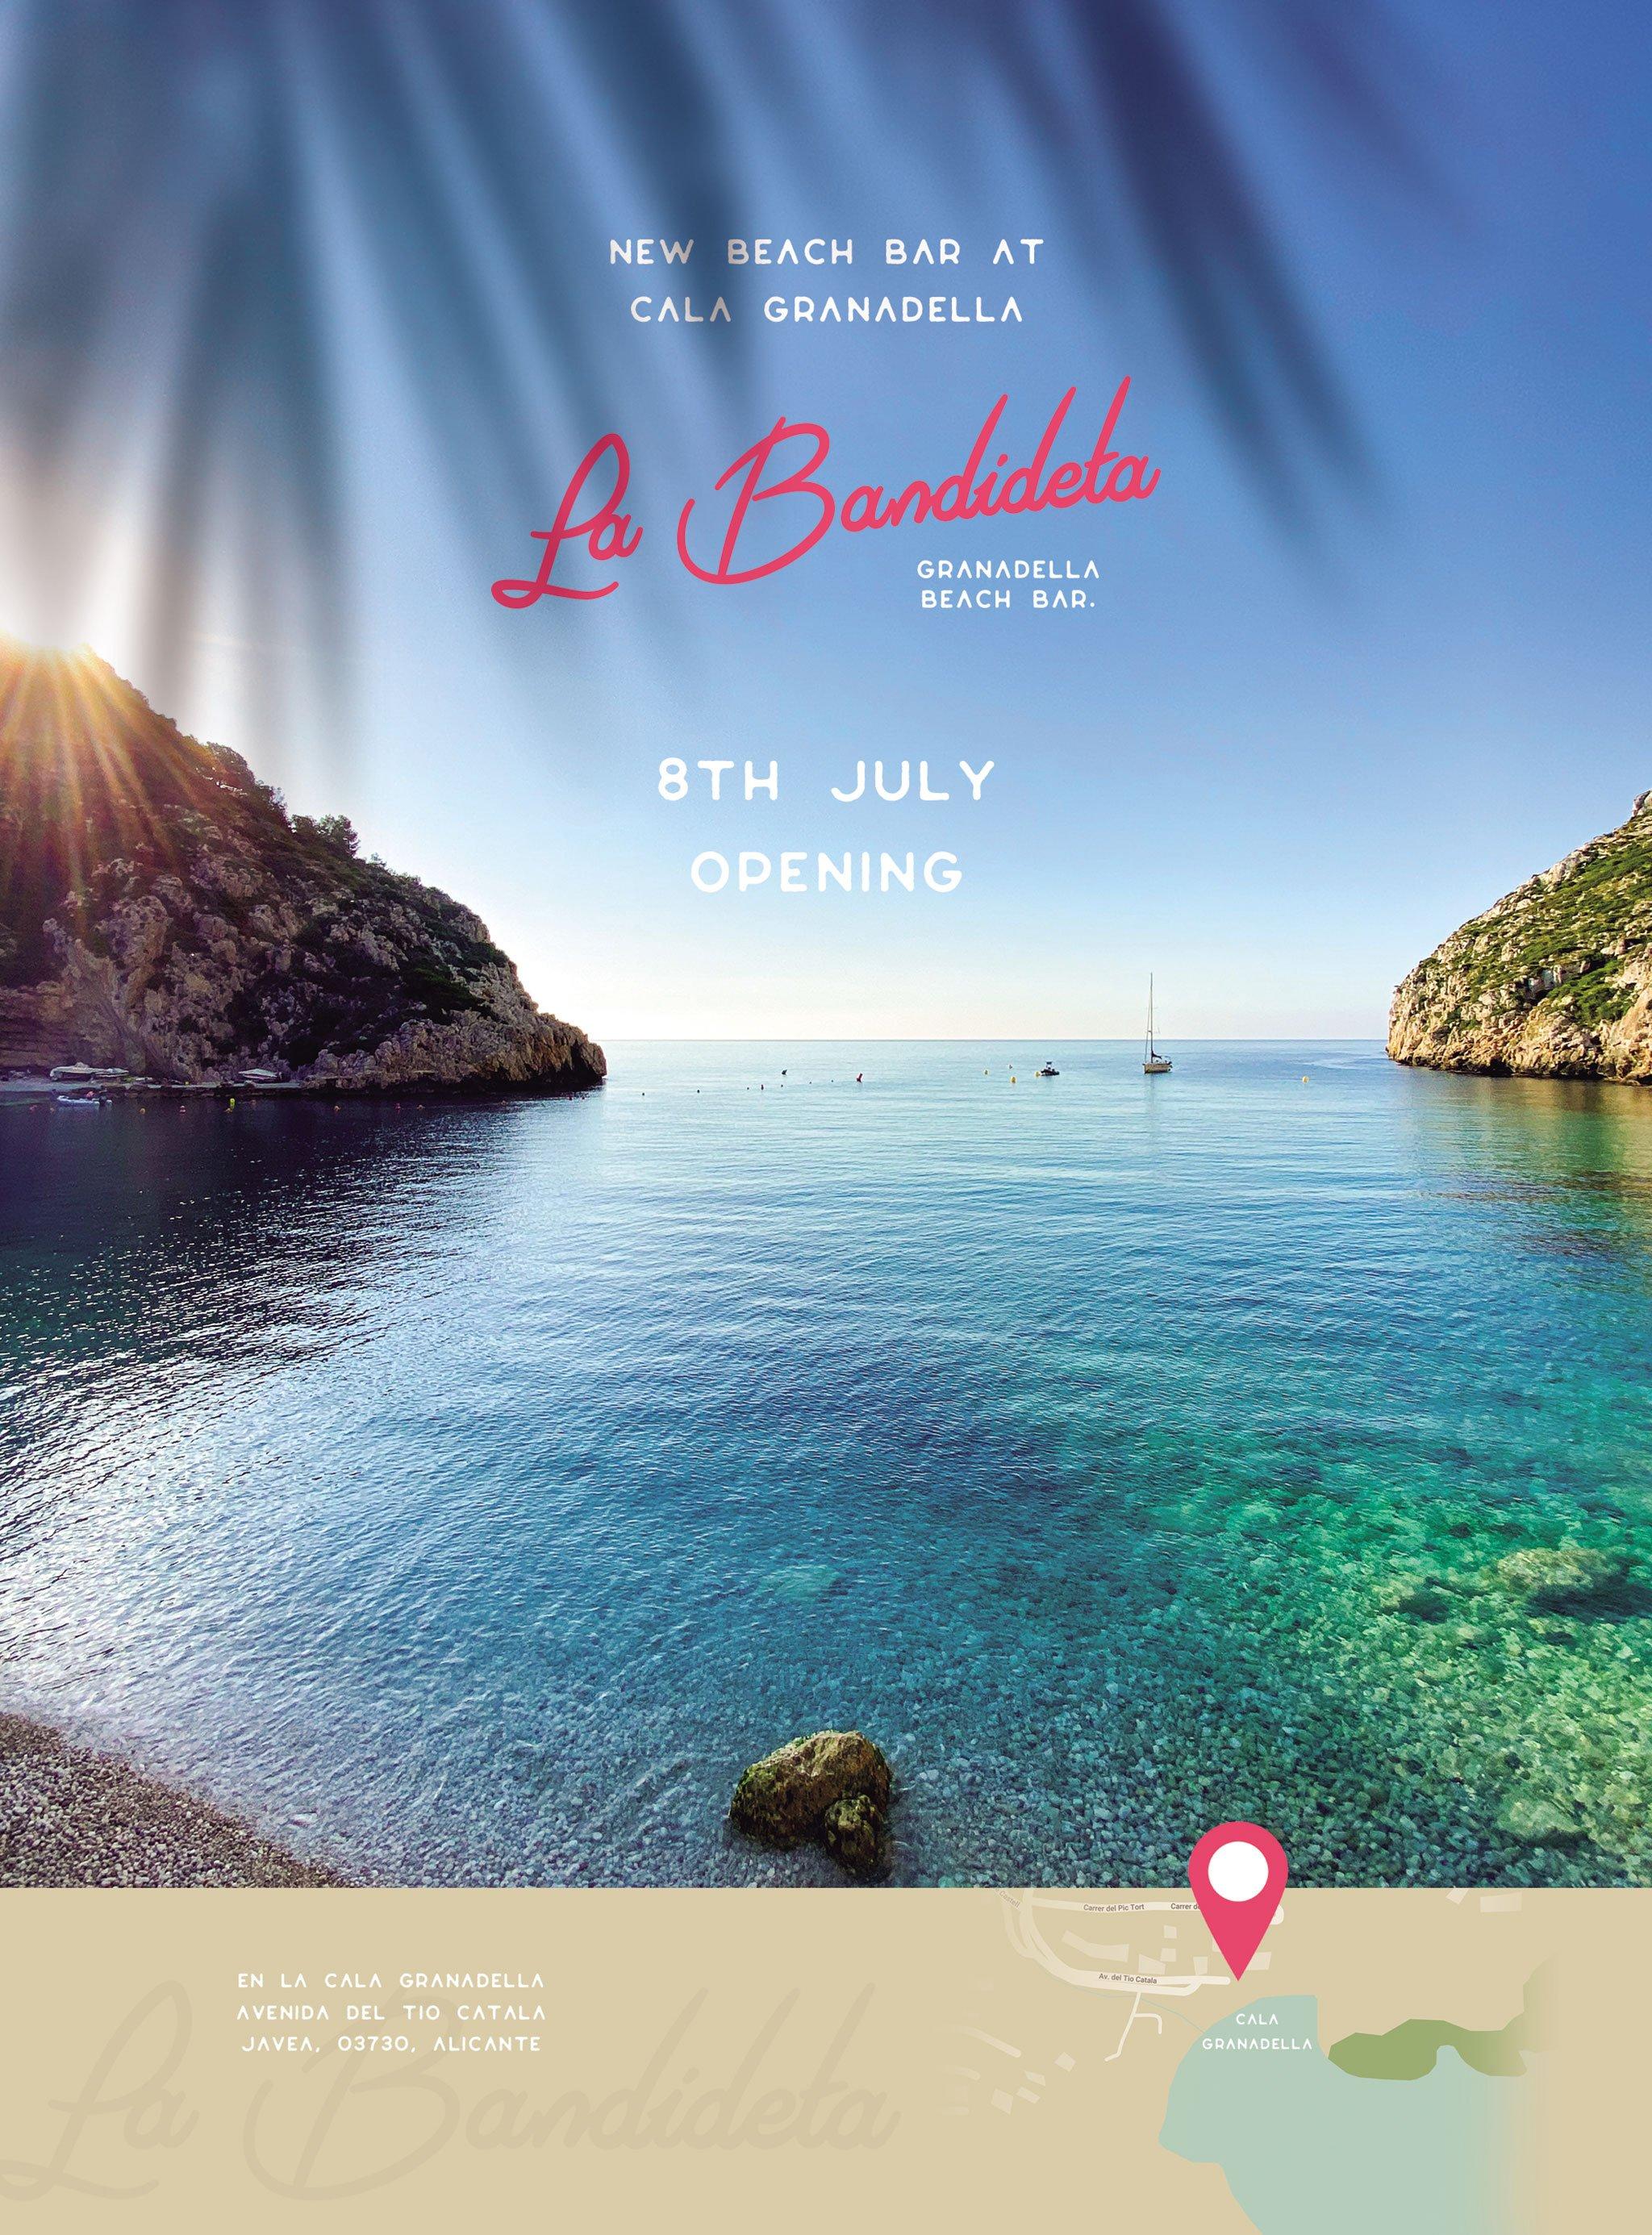 Cartel anunciador de la apertura de La Bandideta